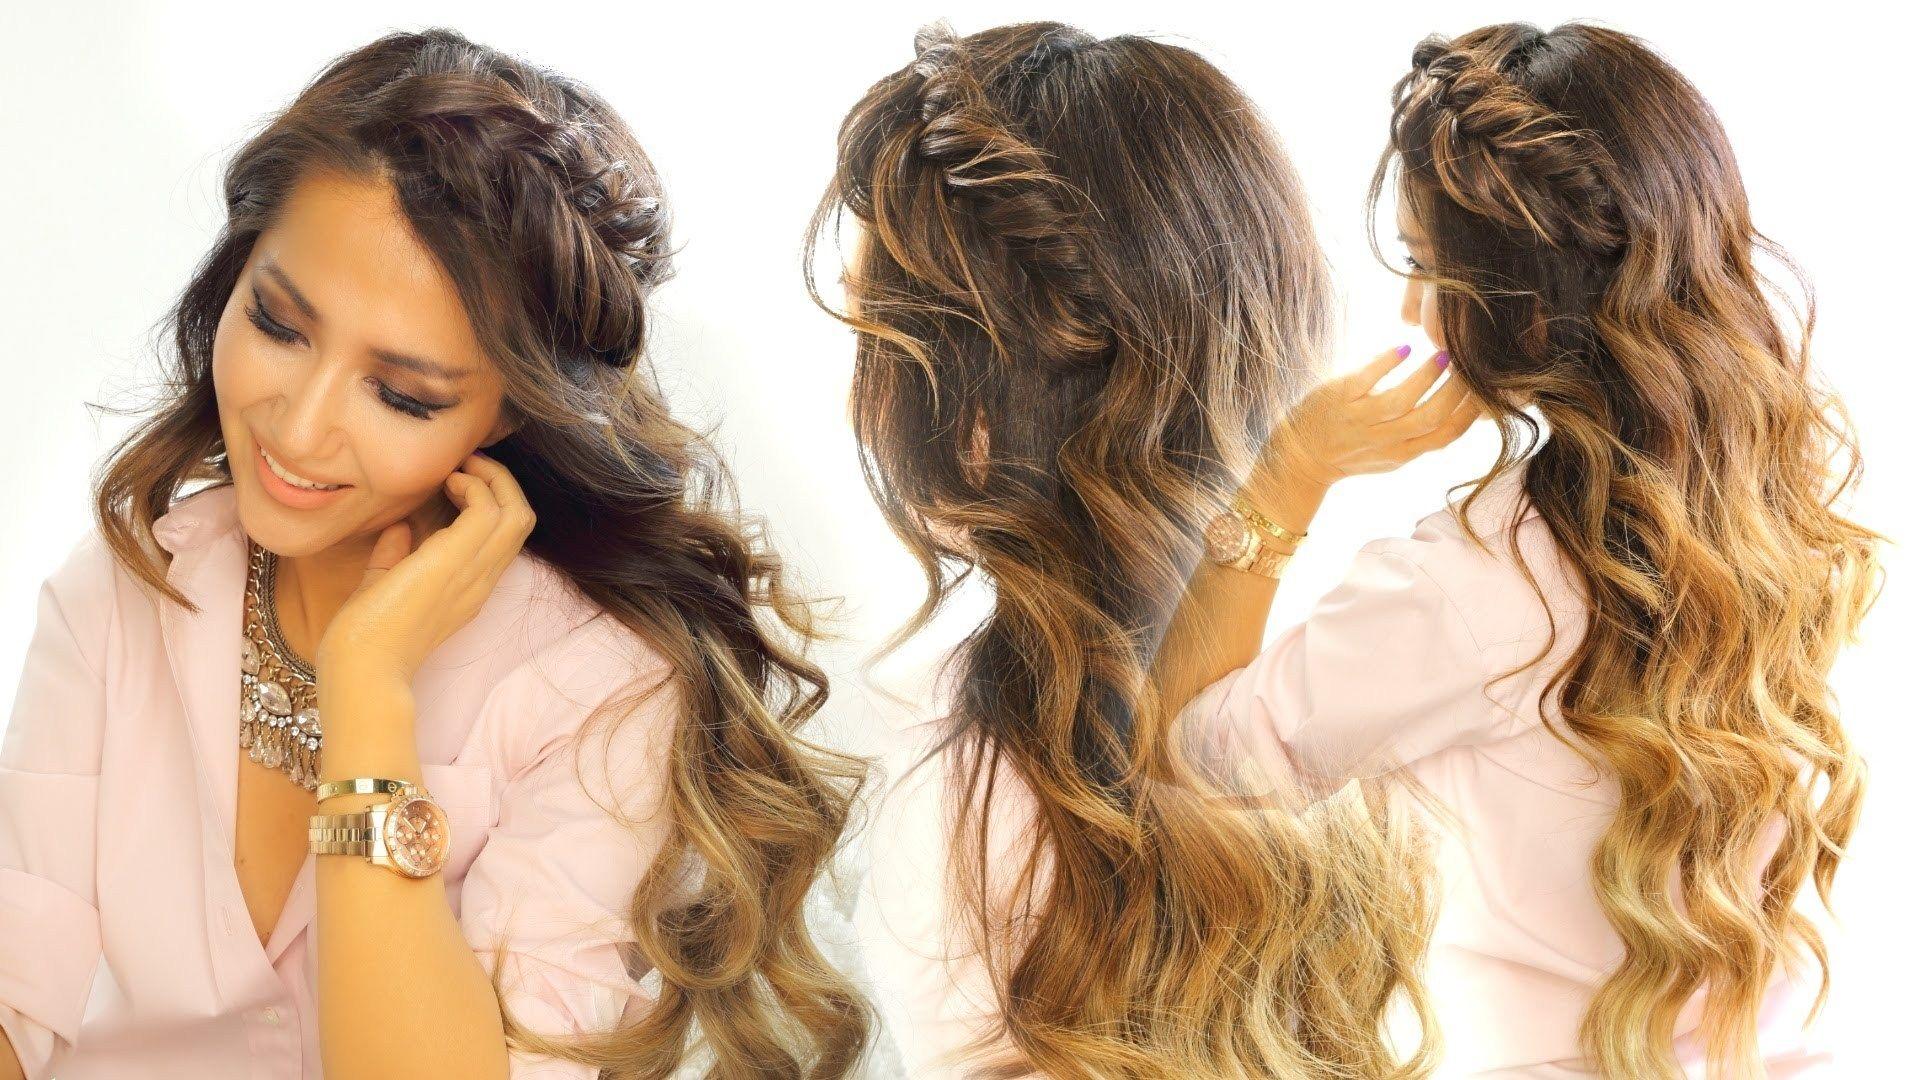 Schone Susse Everyday Frisuren Frisur Frisuren Lange Lockige Haare Einfache Alltagsfrisuren Einfache Frisuren Fur Langes Haar